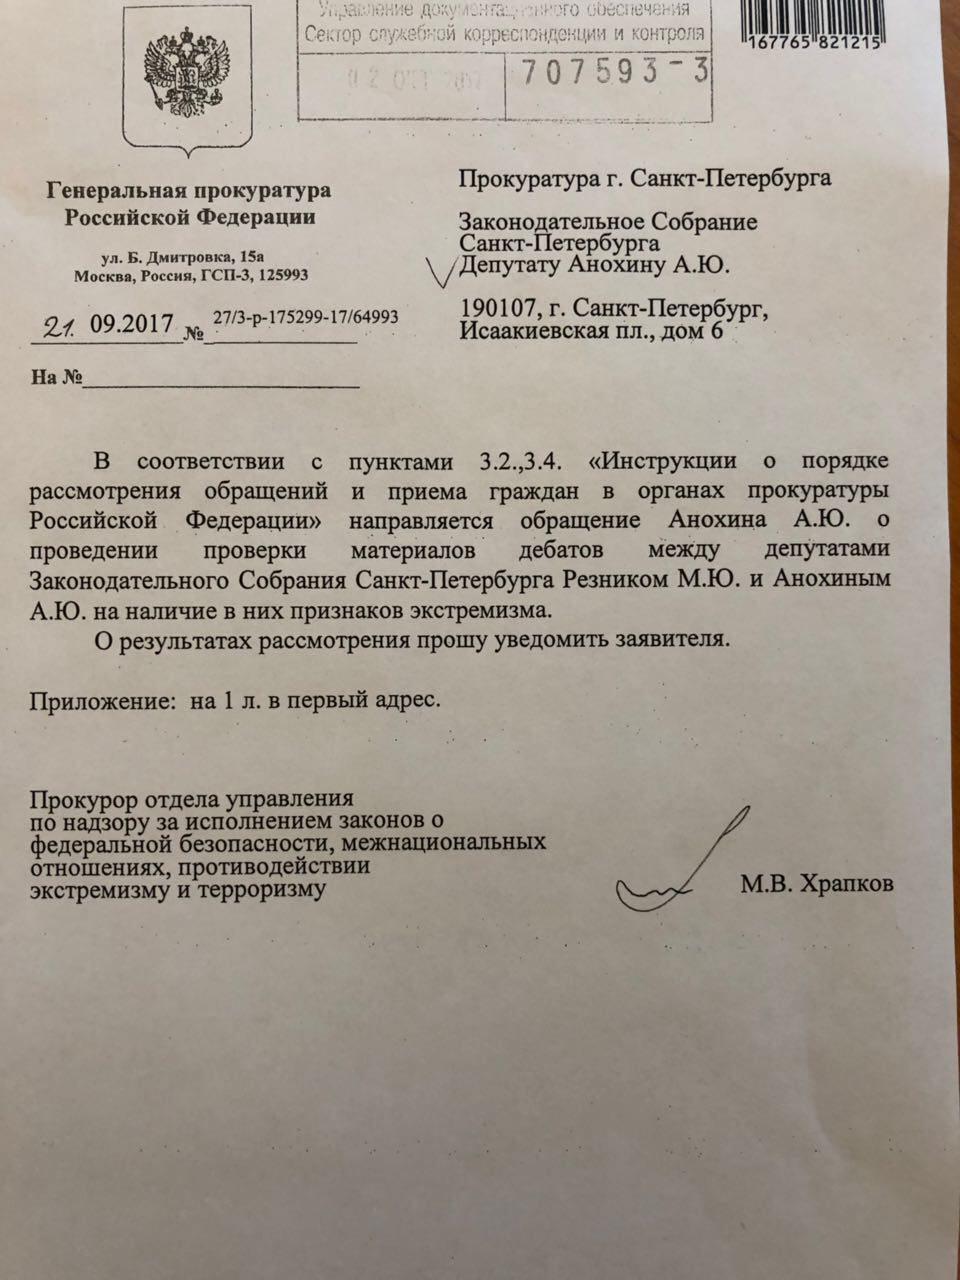 Петербургская прокуратура проверит рэп-баттл депутатов Резника и Анохина (Иллюстрация 1 из 1)